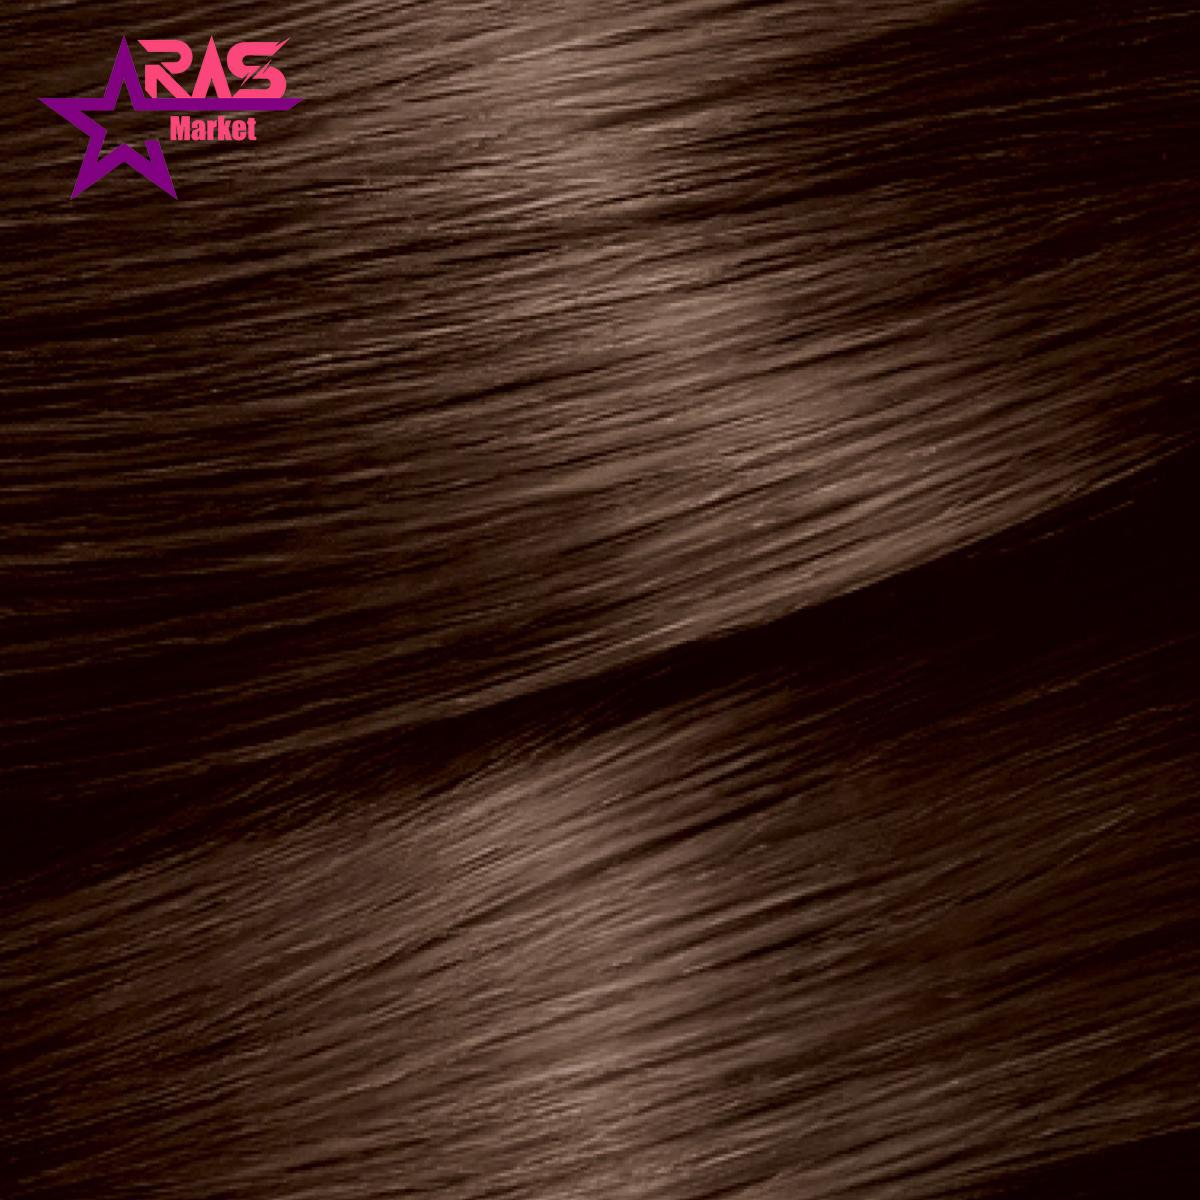 کیت رنگ مو گارنیر سری Color Naturals شماره 4 ،فروشگاه اینترنتی ارس مارکت ، رنگ موی گارنیر